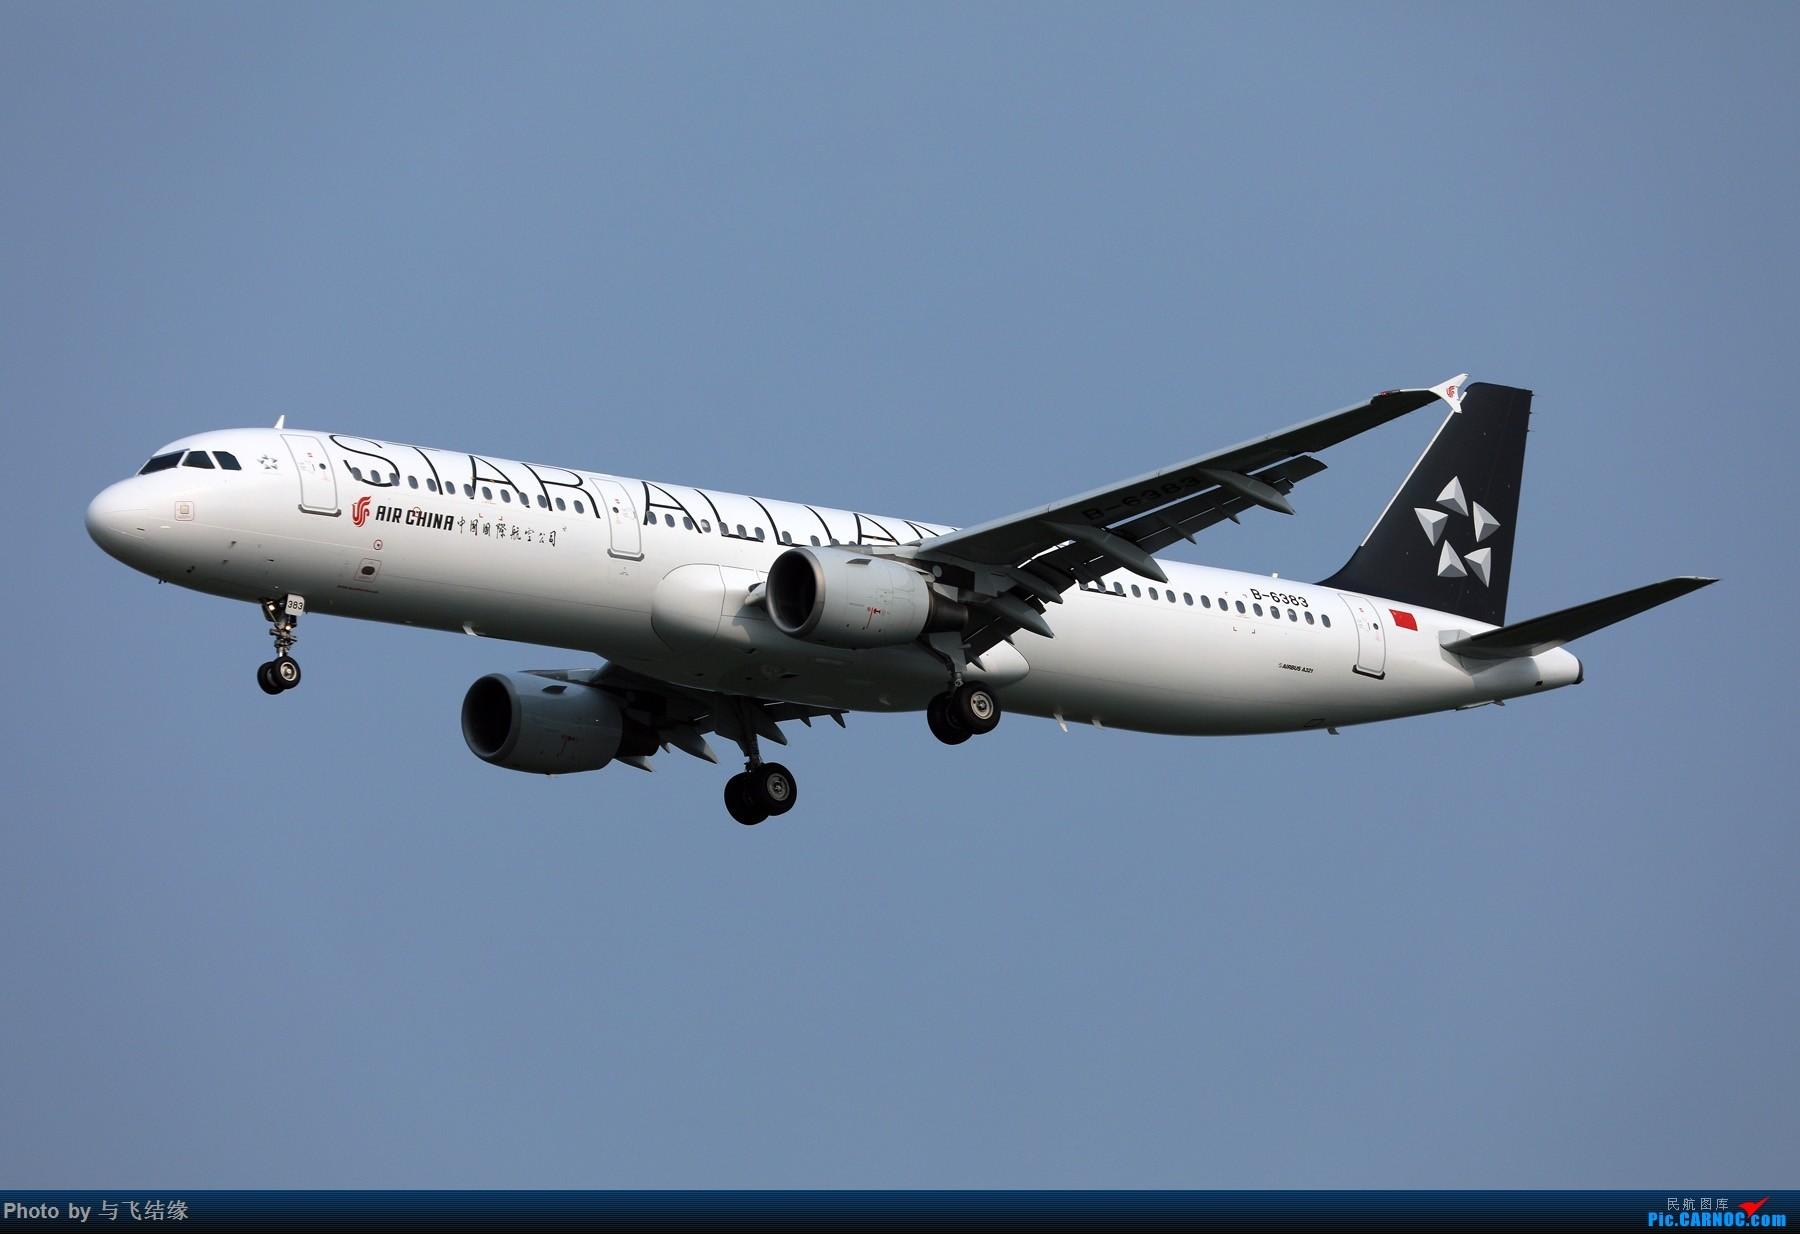 [原创]中国国际航空Airbus A321-200星空联盟涂装B-6383. AIRBUS A321-200 B-6383 中国北京首都国际机场